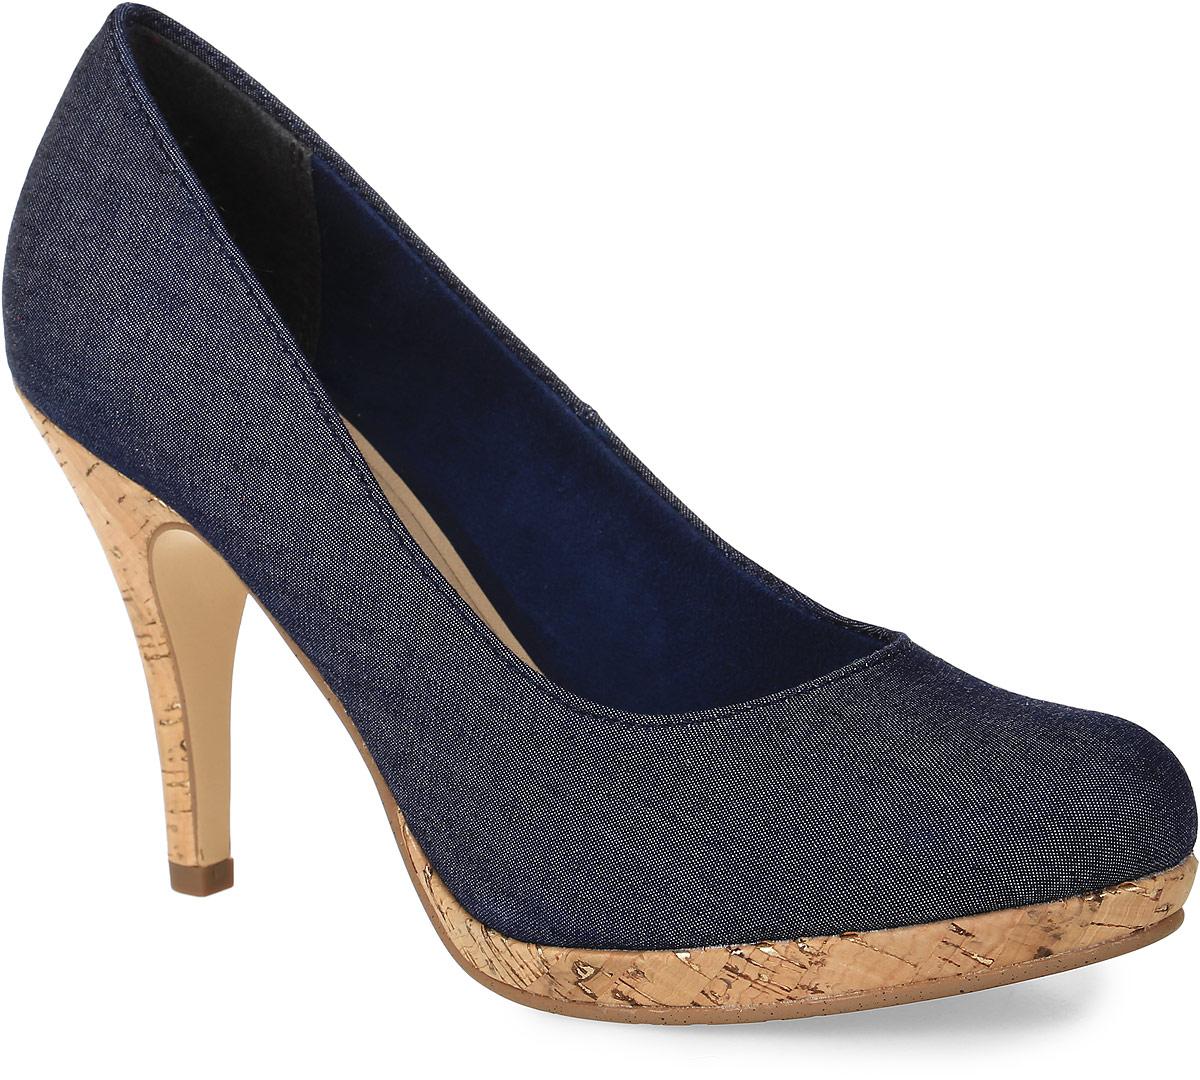 1-1-22407-28-807Стильные женские туфли от Tamaris заинтересуют вас своим дизайном! Модель выполнена из текстиля. Подкладка из текстиля и мягкая стелька из искусственной кожи обеспечивают комфорт при движении. Высокий каблук, стилизованный под дерево, компенсирован небольшой платформой. Подошва и каблук дополнены рифлением.